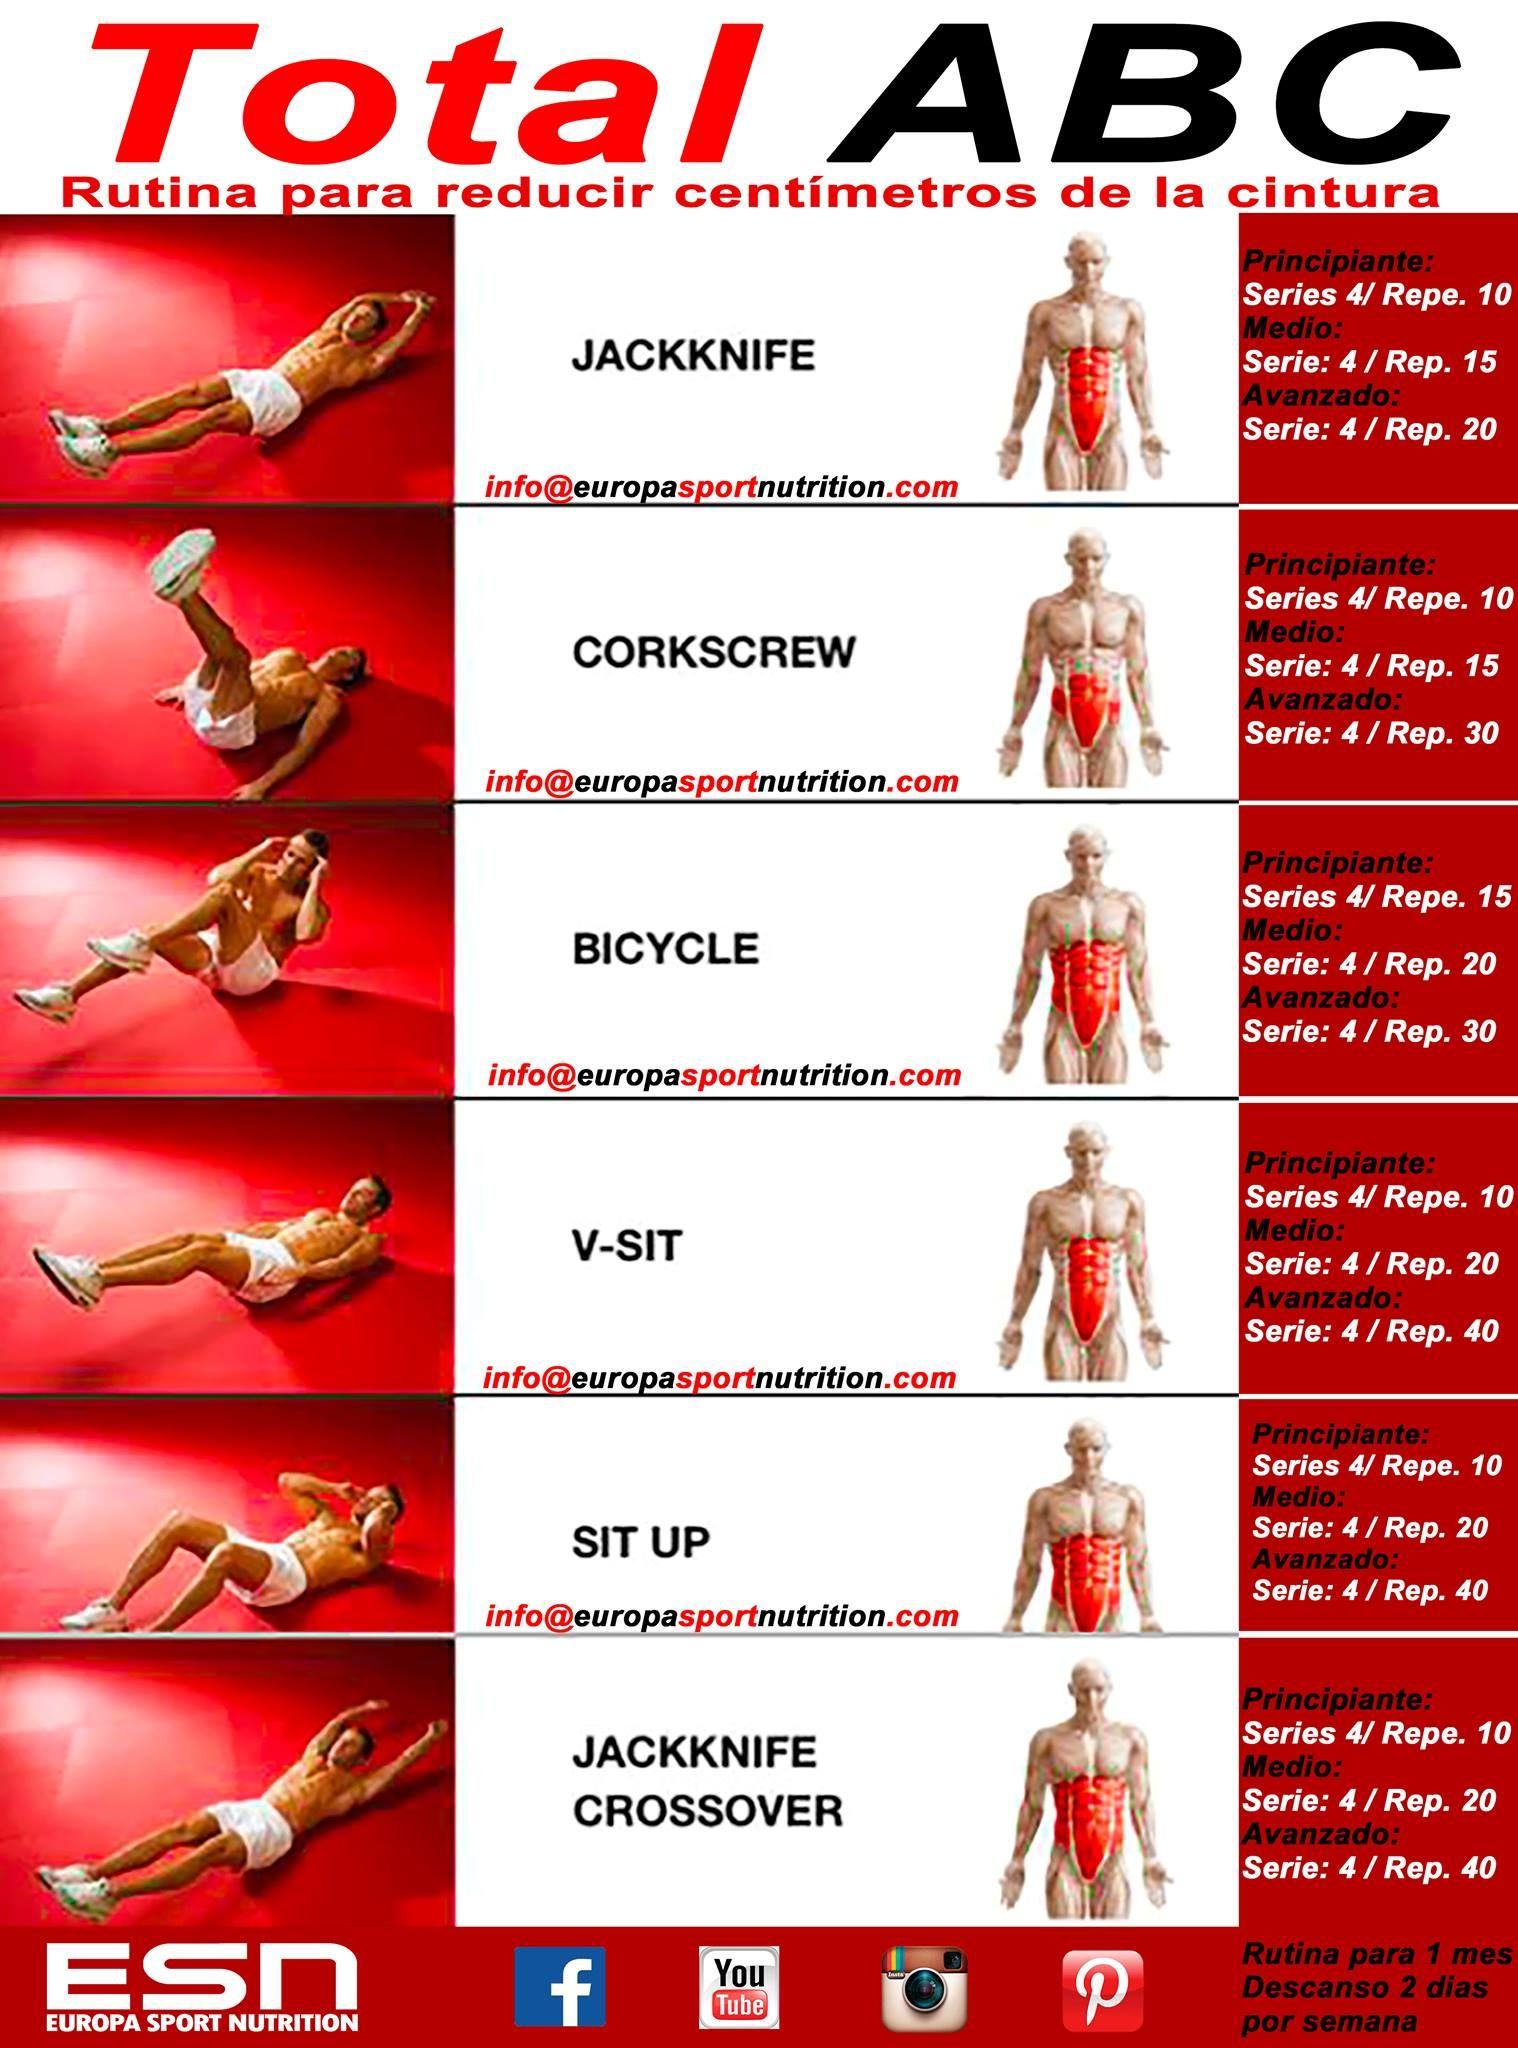 Empezamos el lunes marcando el abdomen y reduciendo for Gimnasio 30 minutos